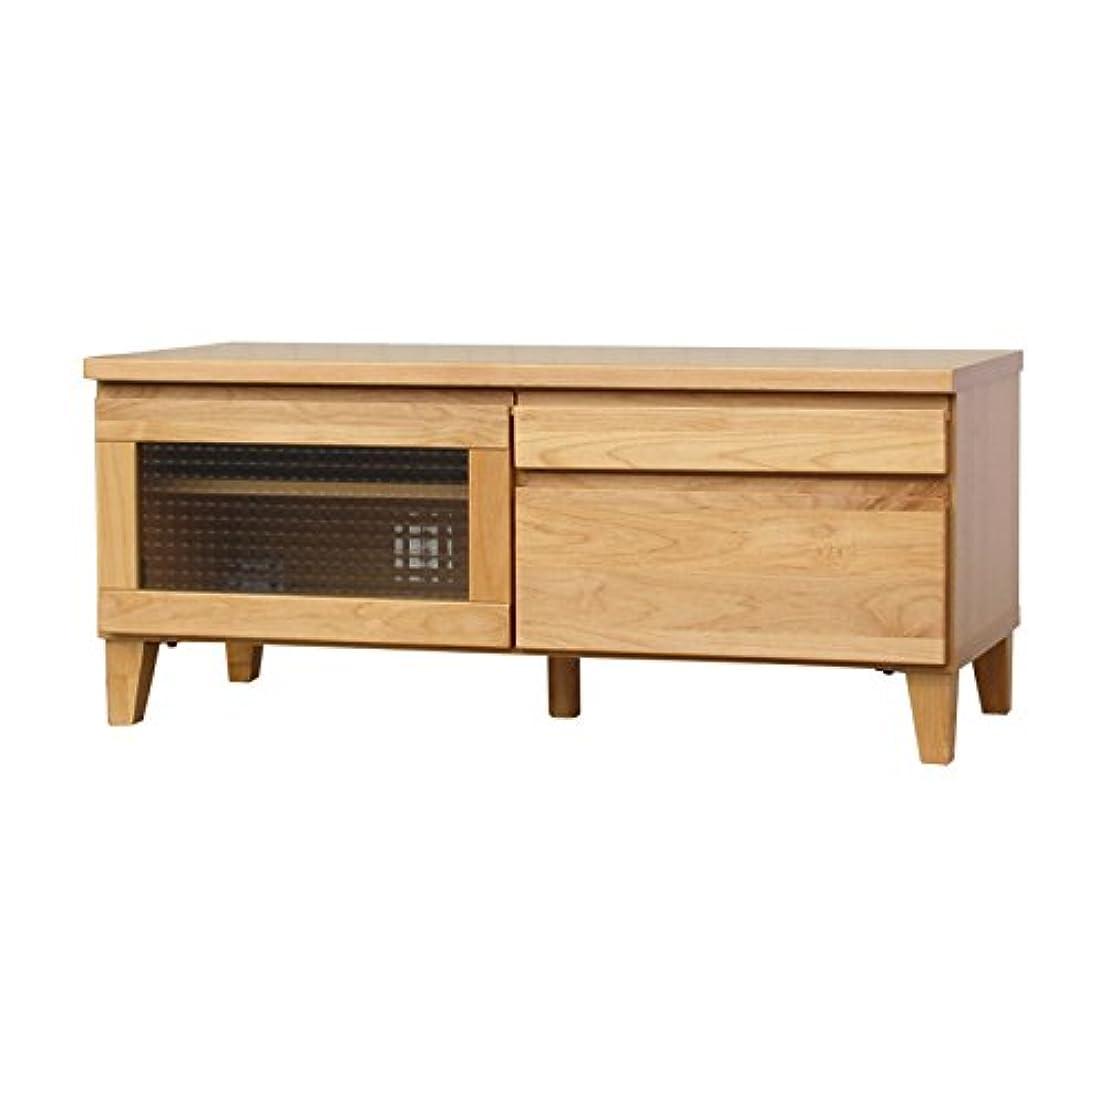 調整マーチャンダイザー夜明けにISSEIKI テレビボード TVボード アルダー色 幅100cm 選べる3サイズ 木製家具 【FL-11-1】